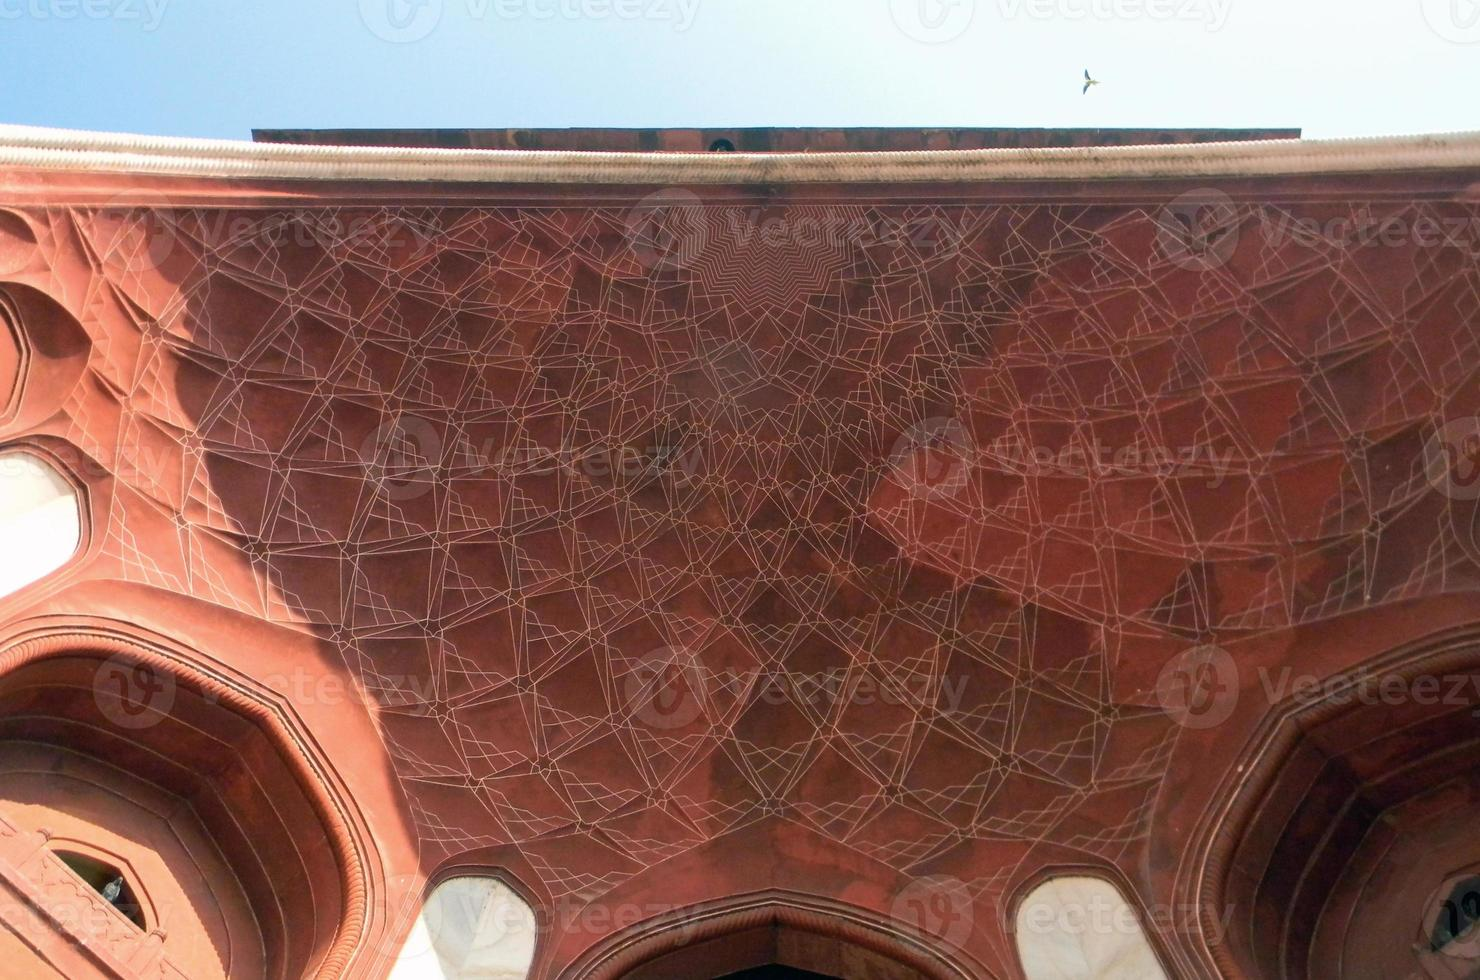 dettagli architettonici del cancello principale del Taj Mahal foto